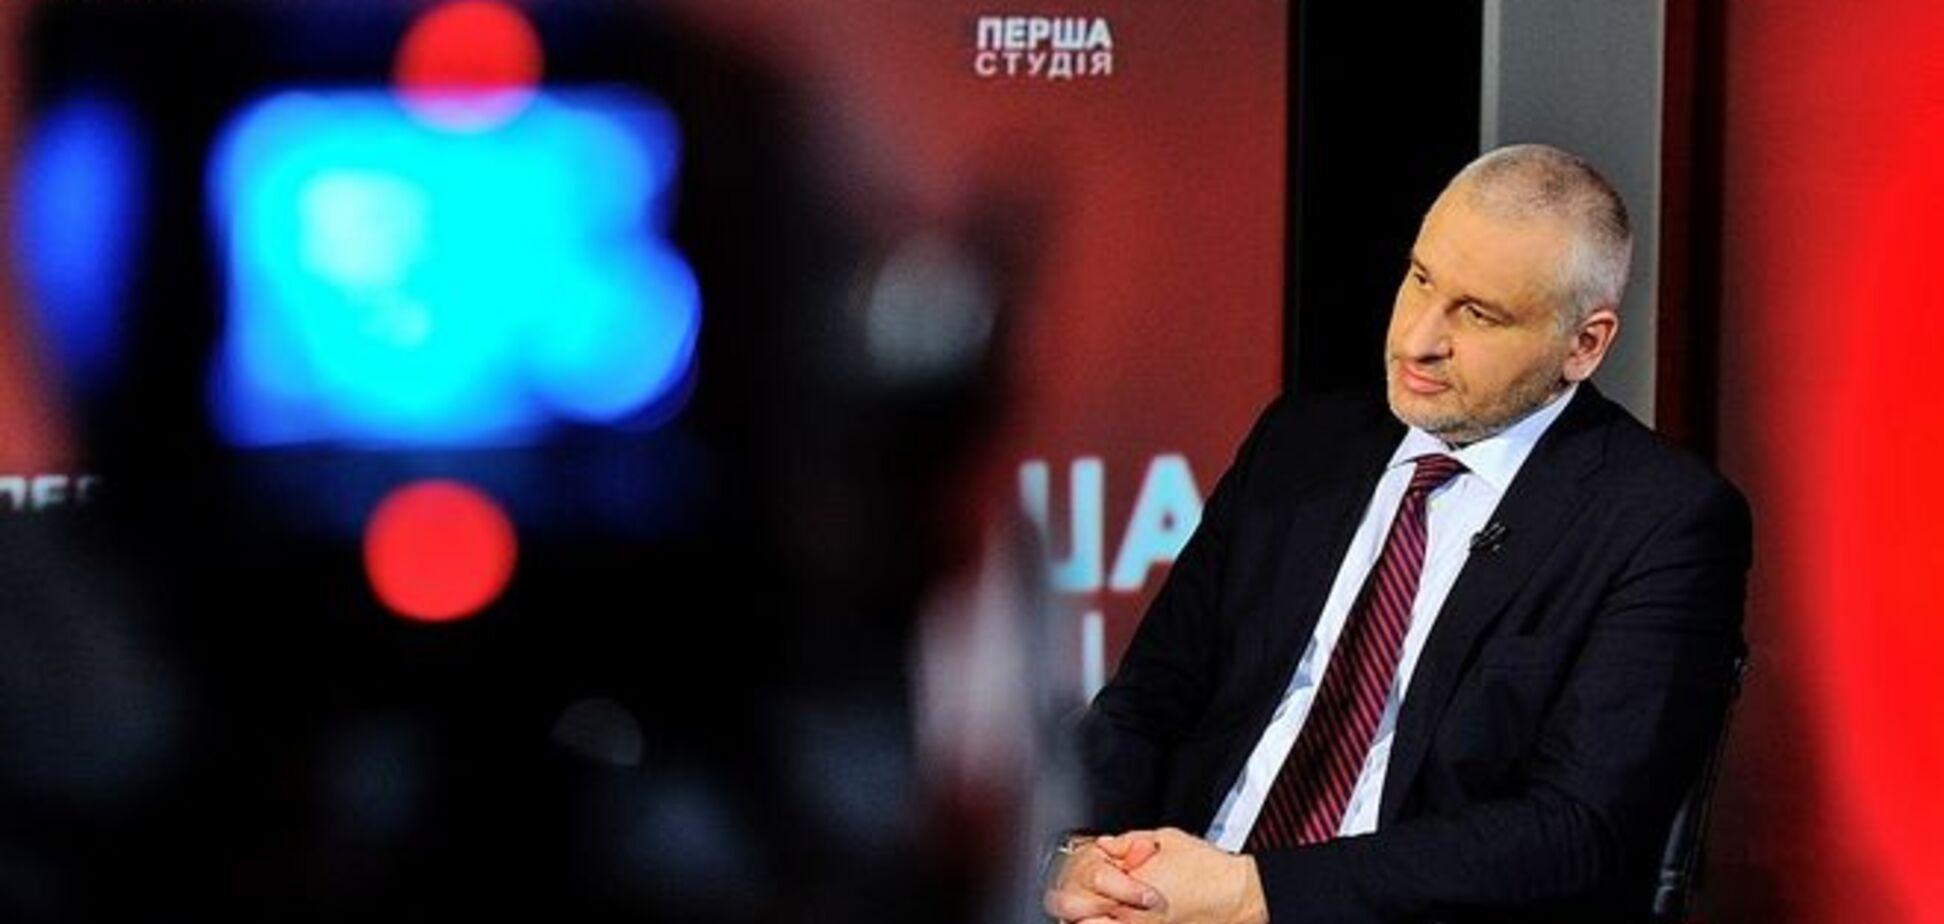 Вопрос ГРУшников заставит Россию 'демпинговать' в переговорах - Фейгин